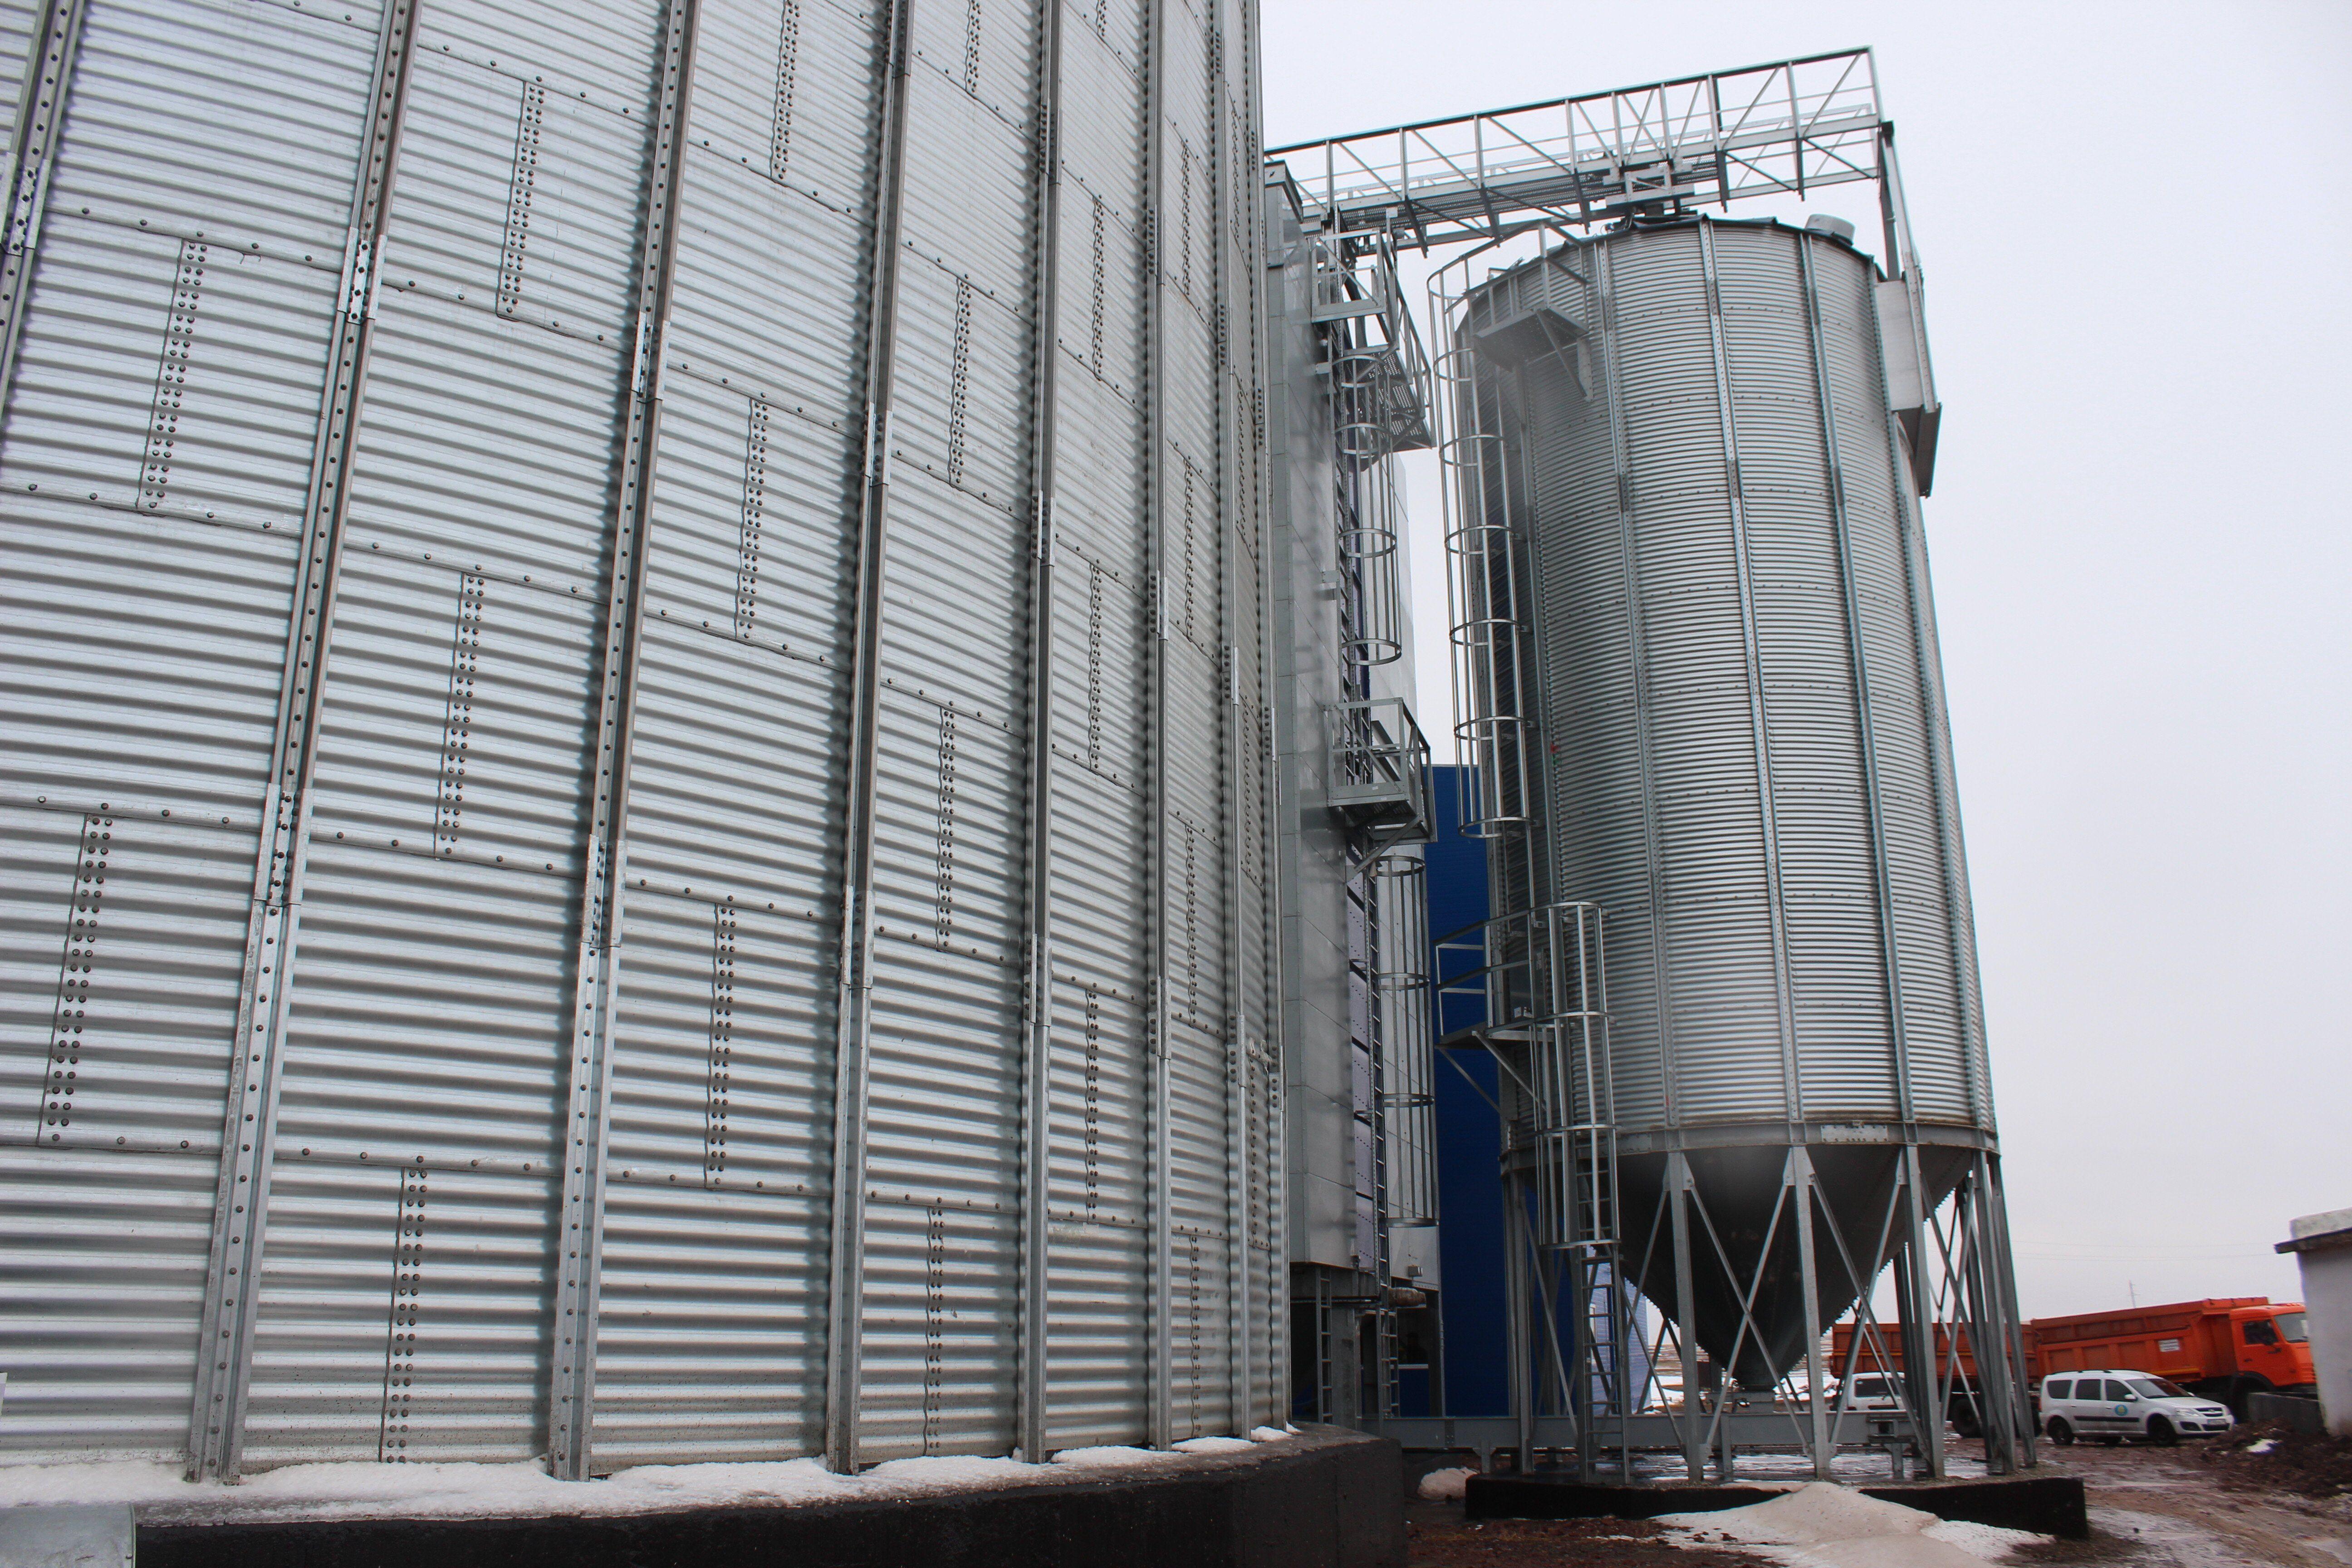 ВСКО введено вэксплуатацию современное зернохранилище- Kapital.kz